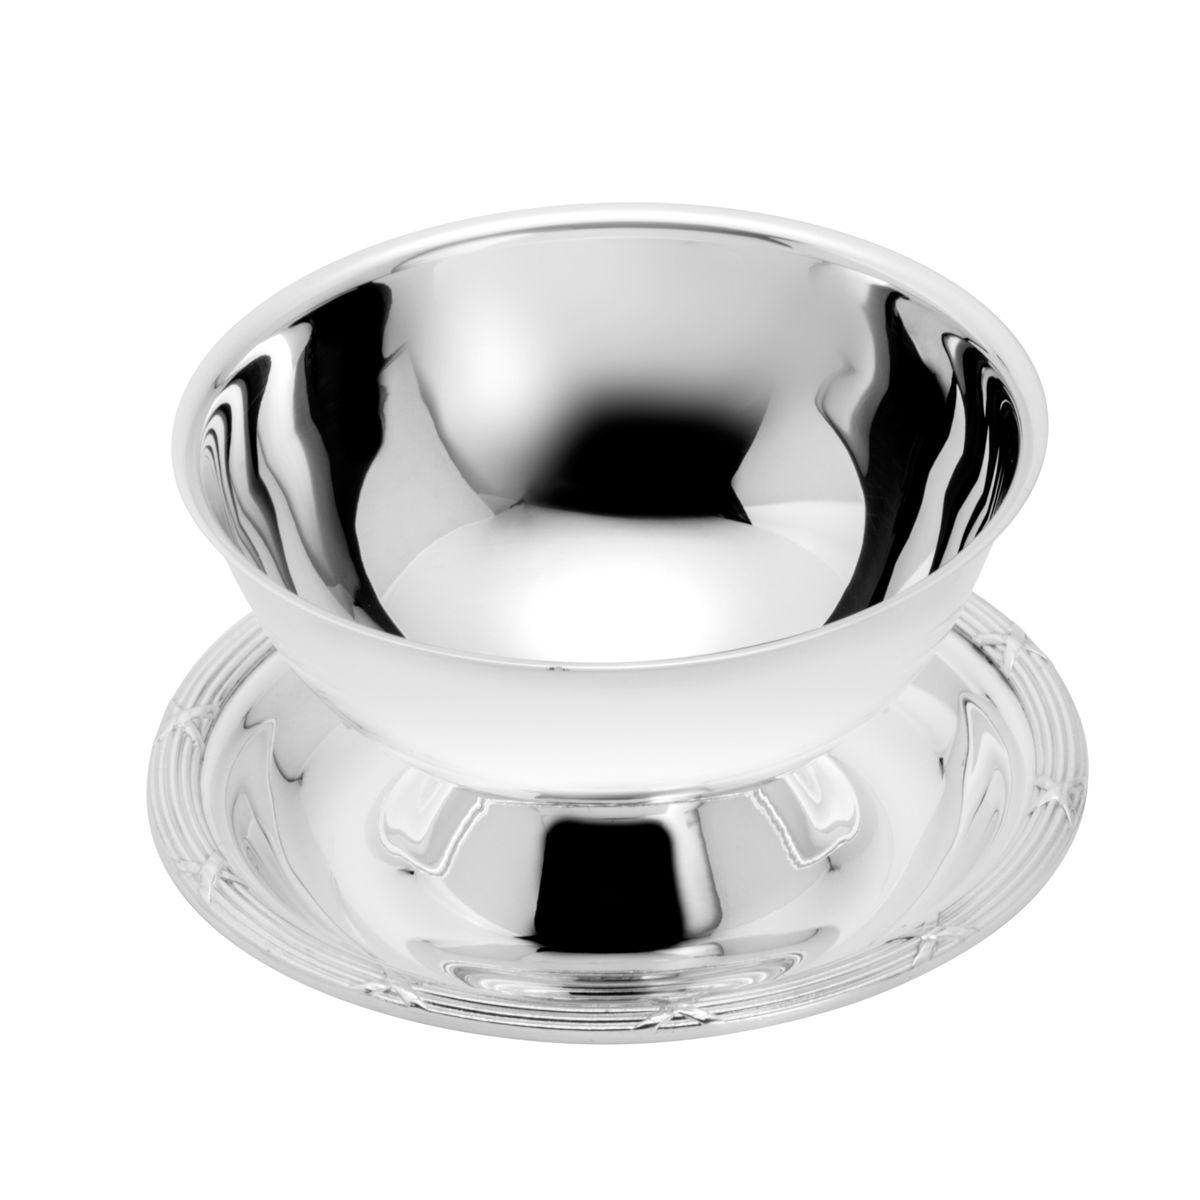 Molheira de Prata com Cordão Croise 450ml